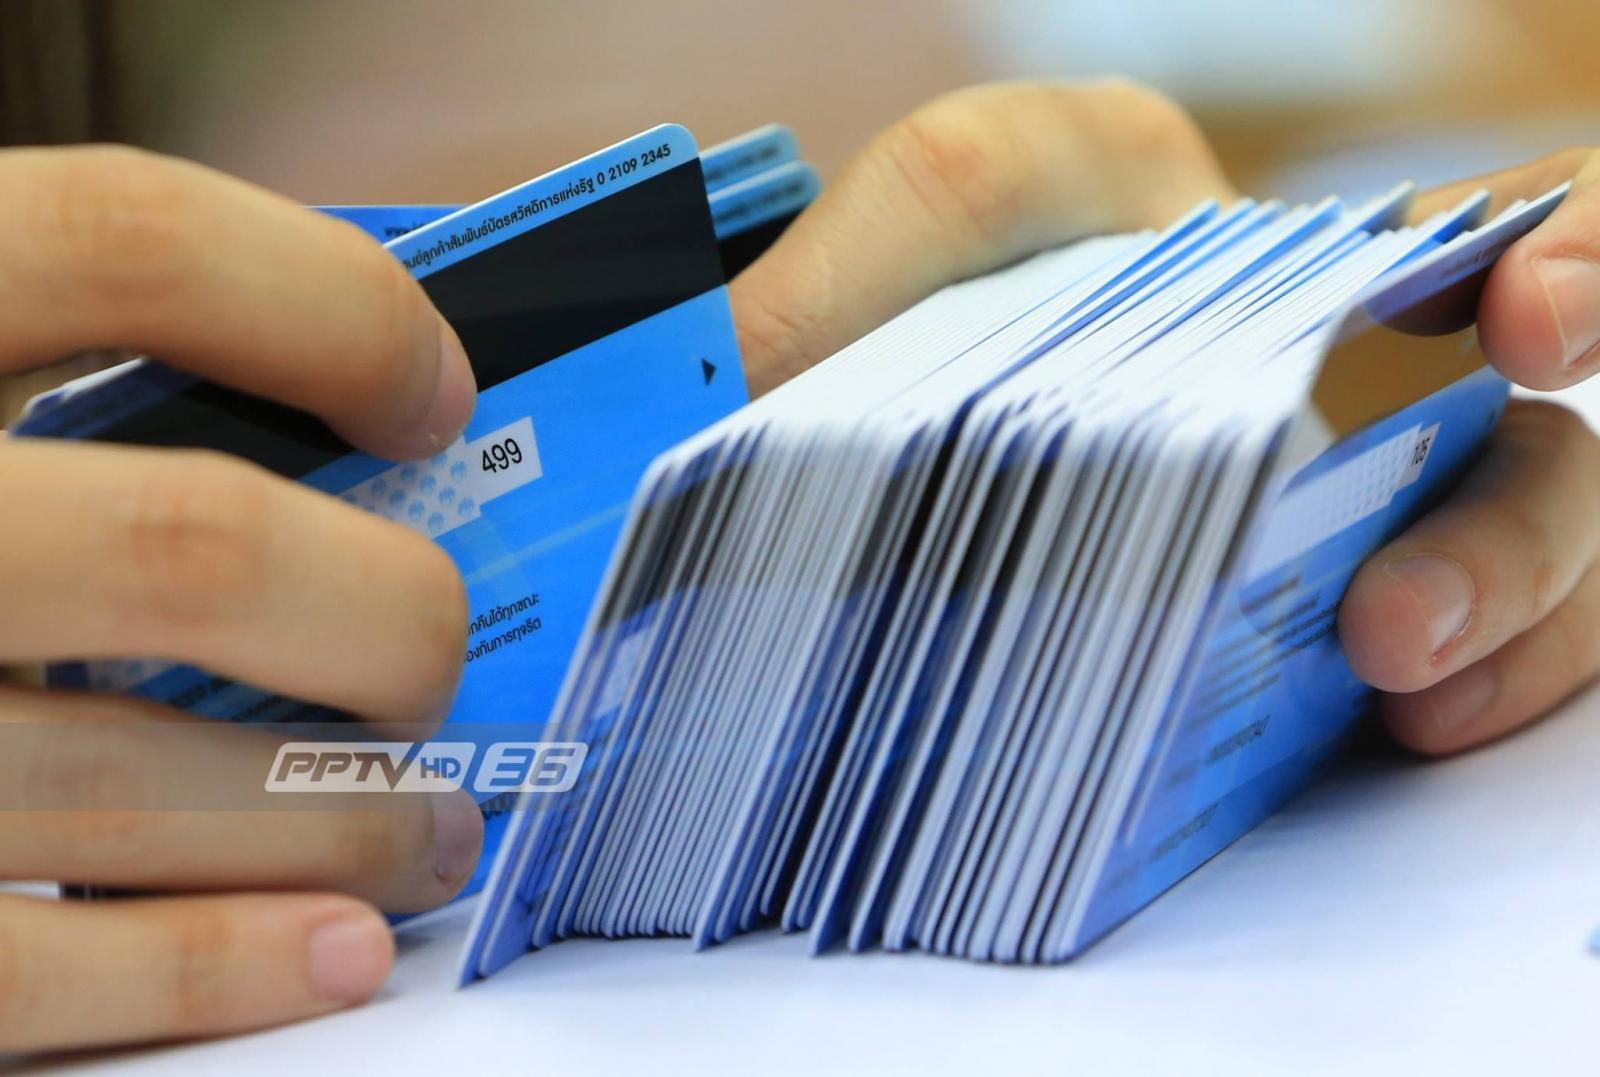 เฮ! รับศักราชปีหมู บัตรคนจนล็อตใหม่ใช้ได้ตั้งแต่ 1 ม.ค. 62